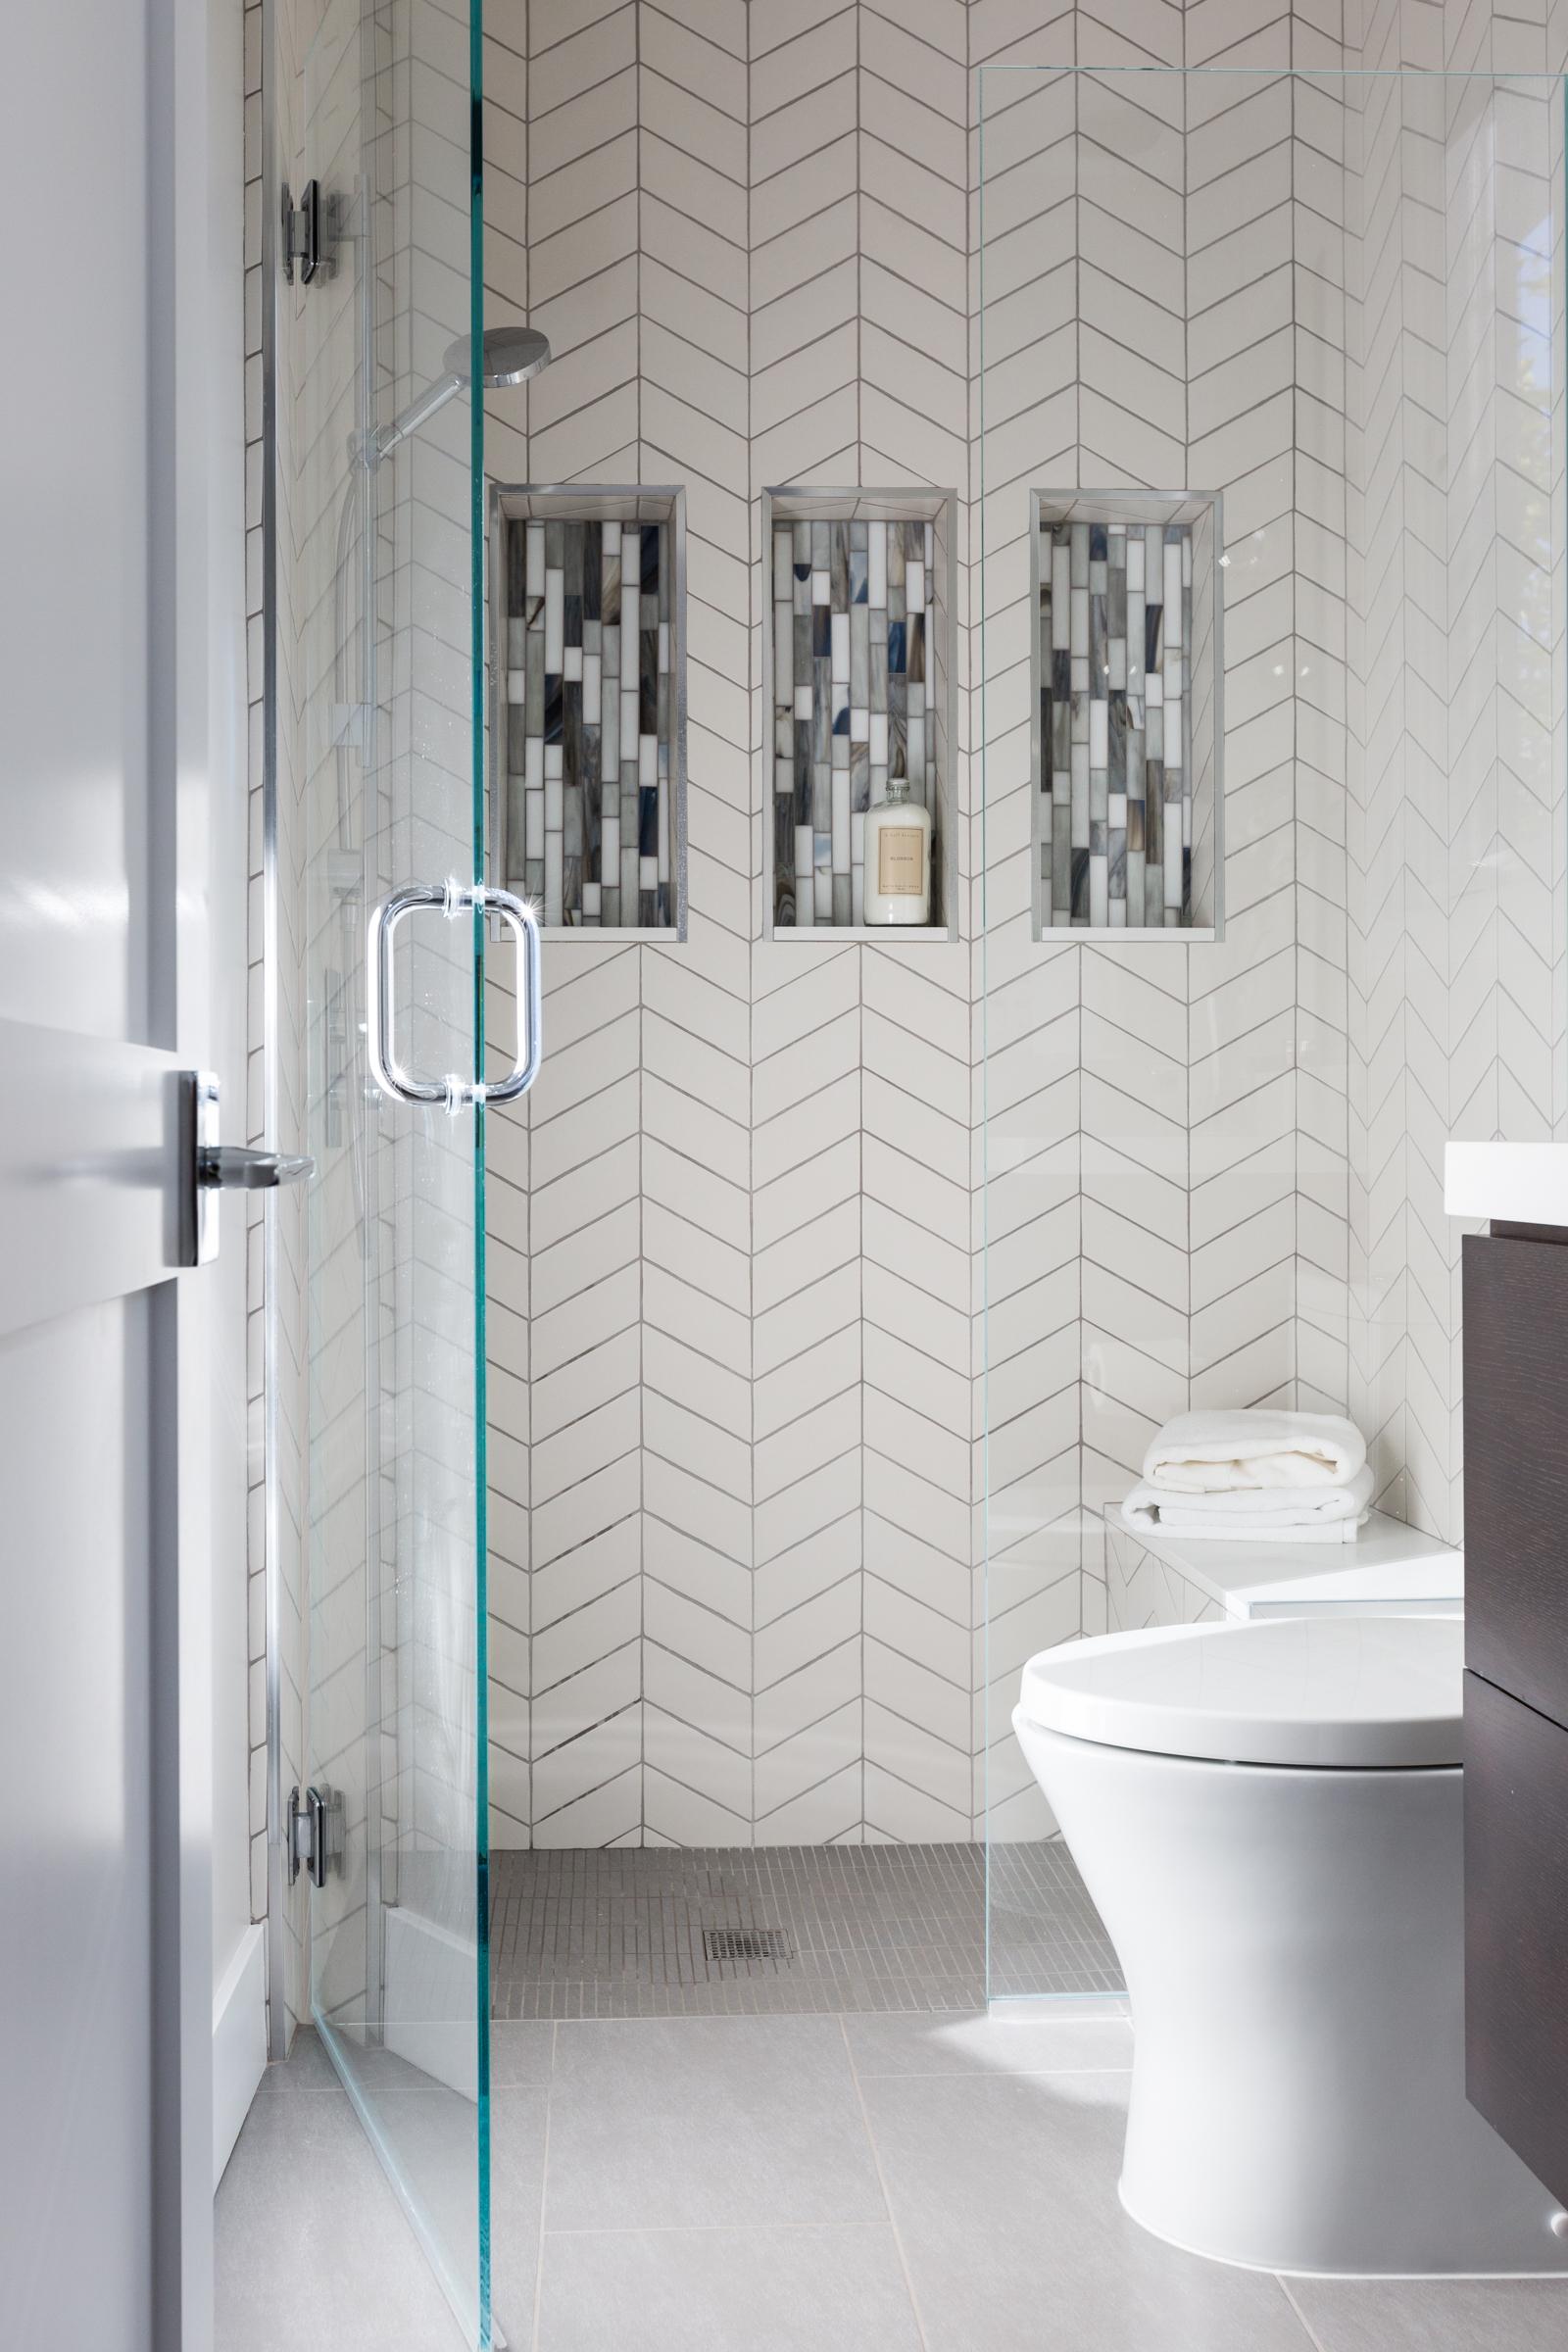 sohnbathroom-2.jpg